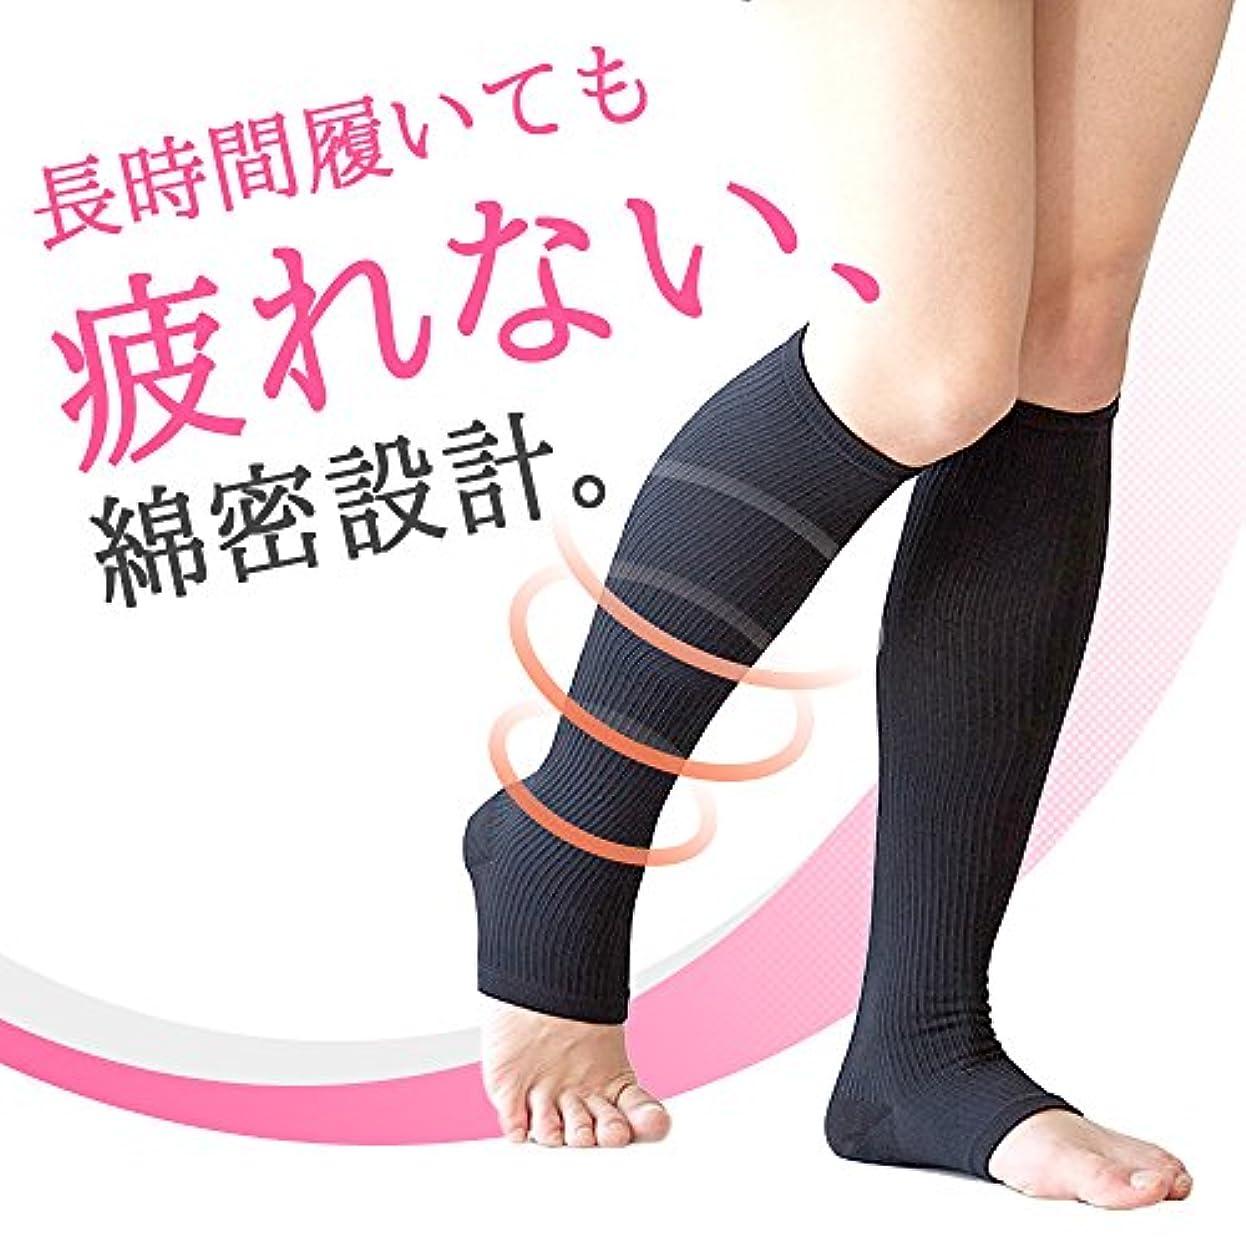 乱気流識別診断する美脚 着圧 ソックス オープントゥ ブラック 23-25㎝ 足の疲れ むくみ 対策 太陽ニット 102M